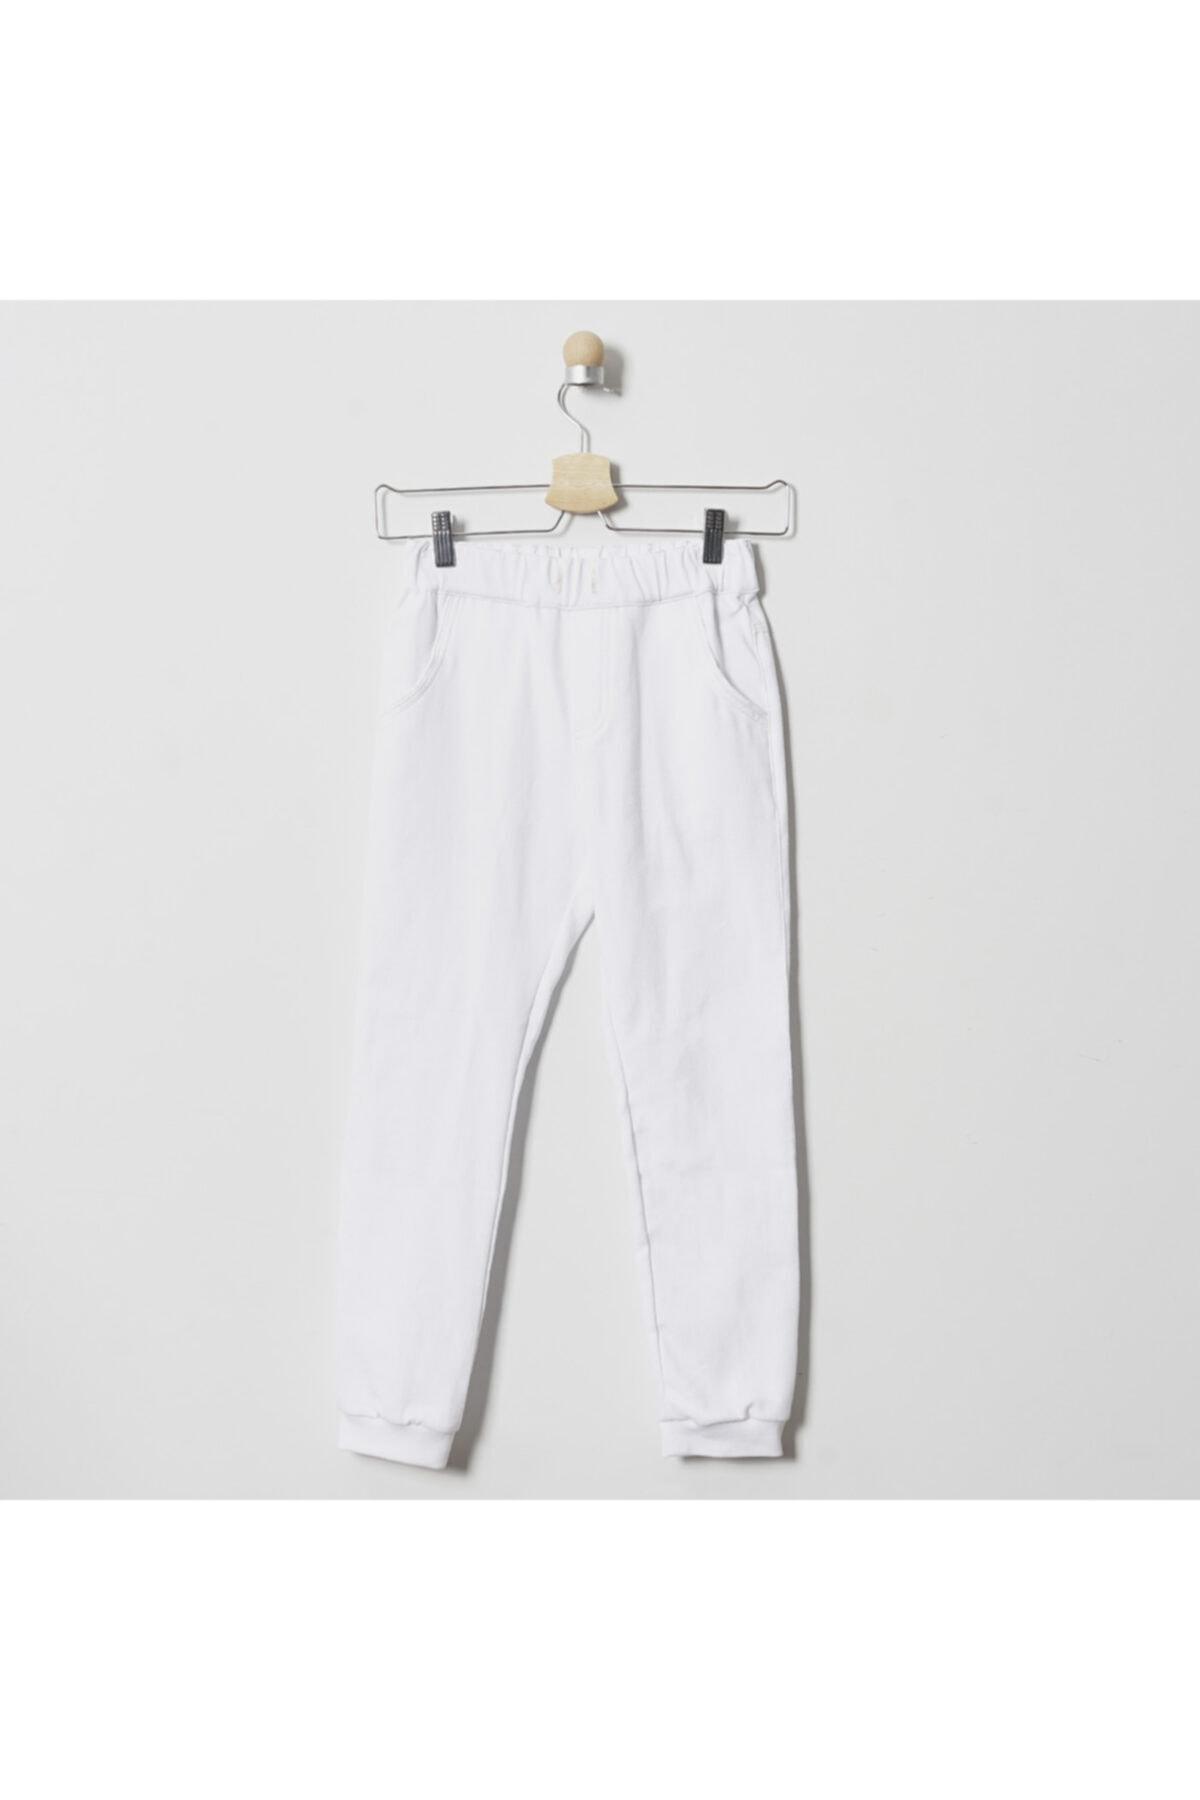 Panço Erkek Çocuk Pantolon 2011bk04010 1